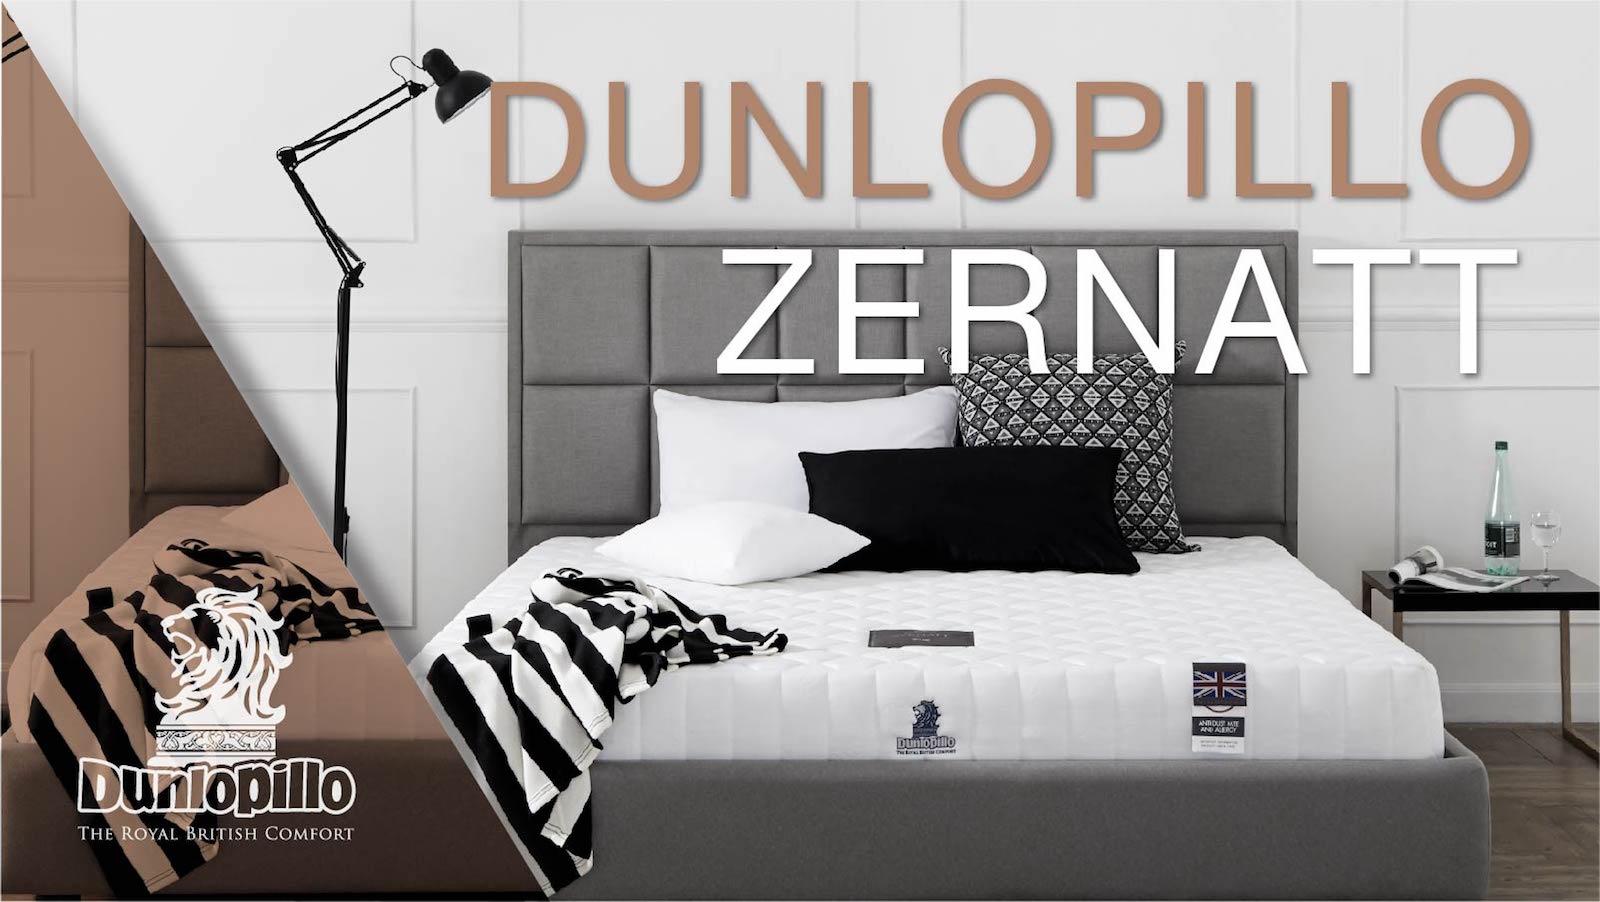 ที่นอน Dunlopillo รุ่น Zernatt